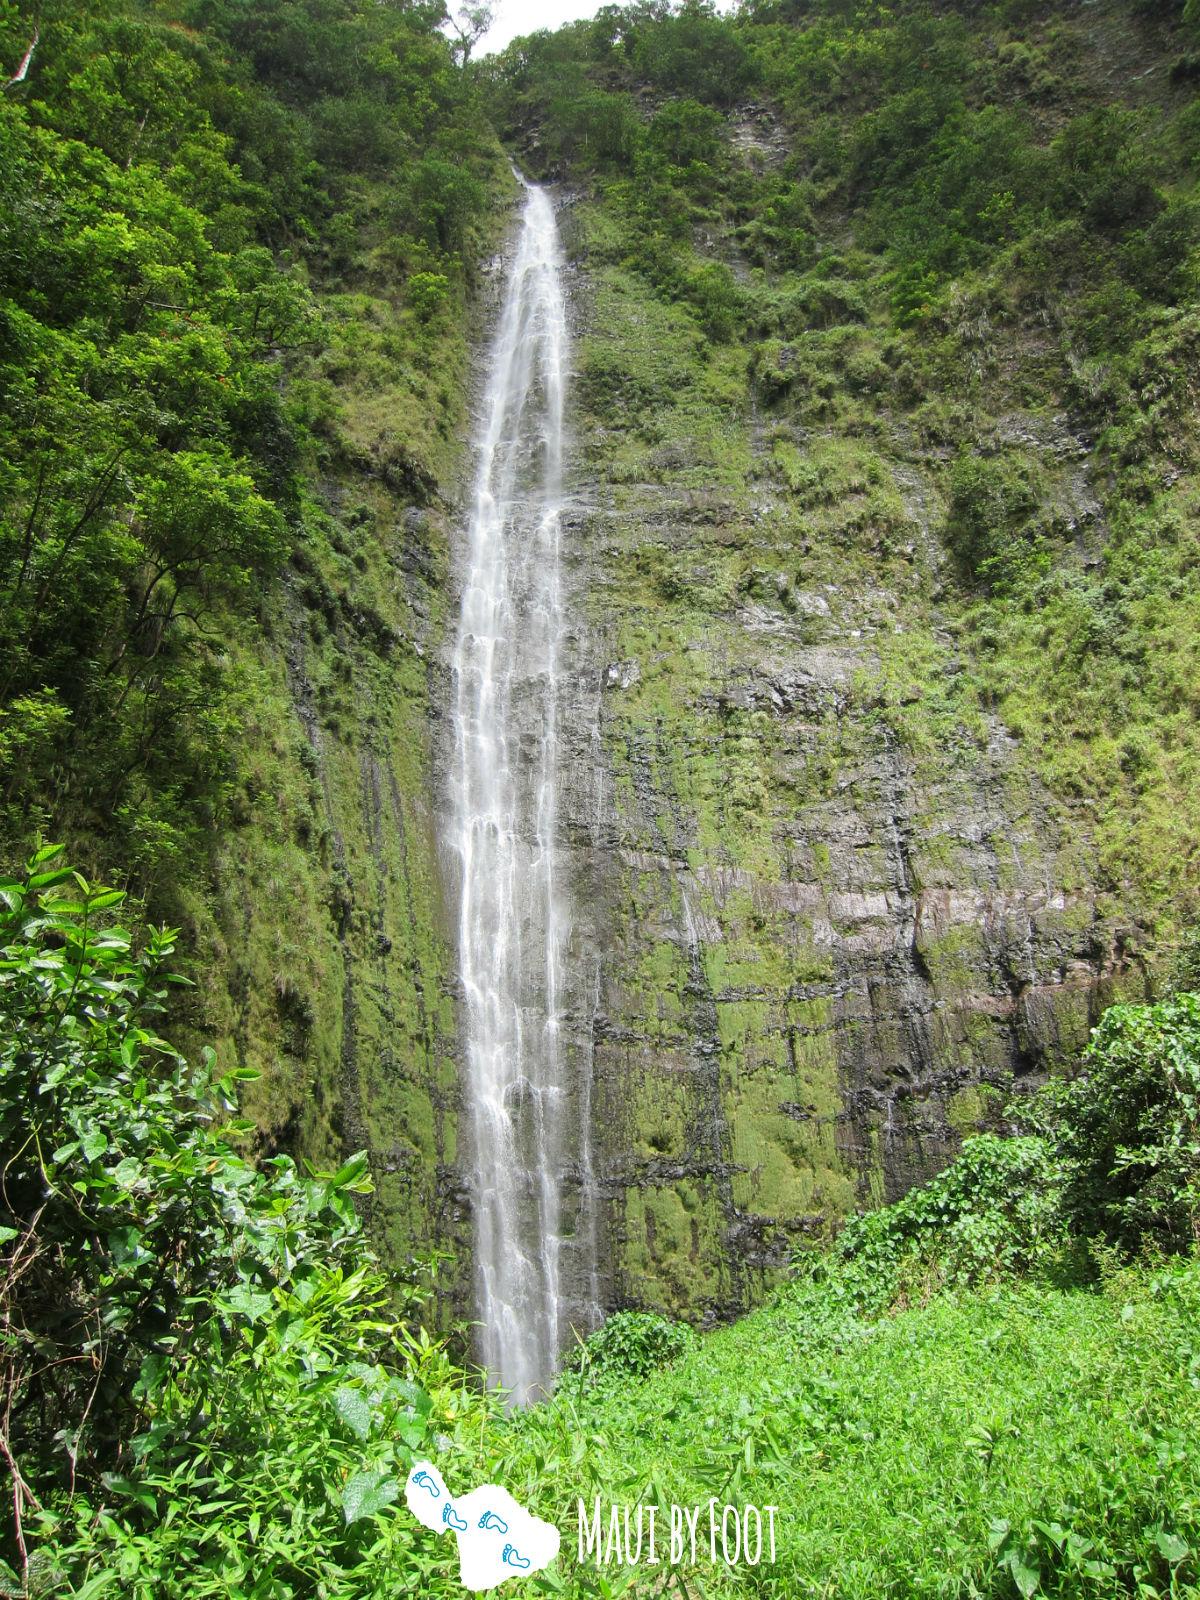 Best Maui Hikes - Pipiwai Trail & Waimoku Falls